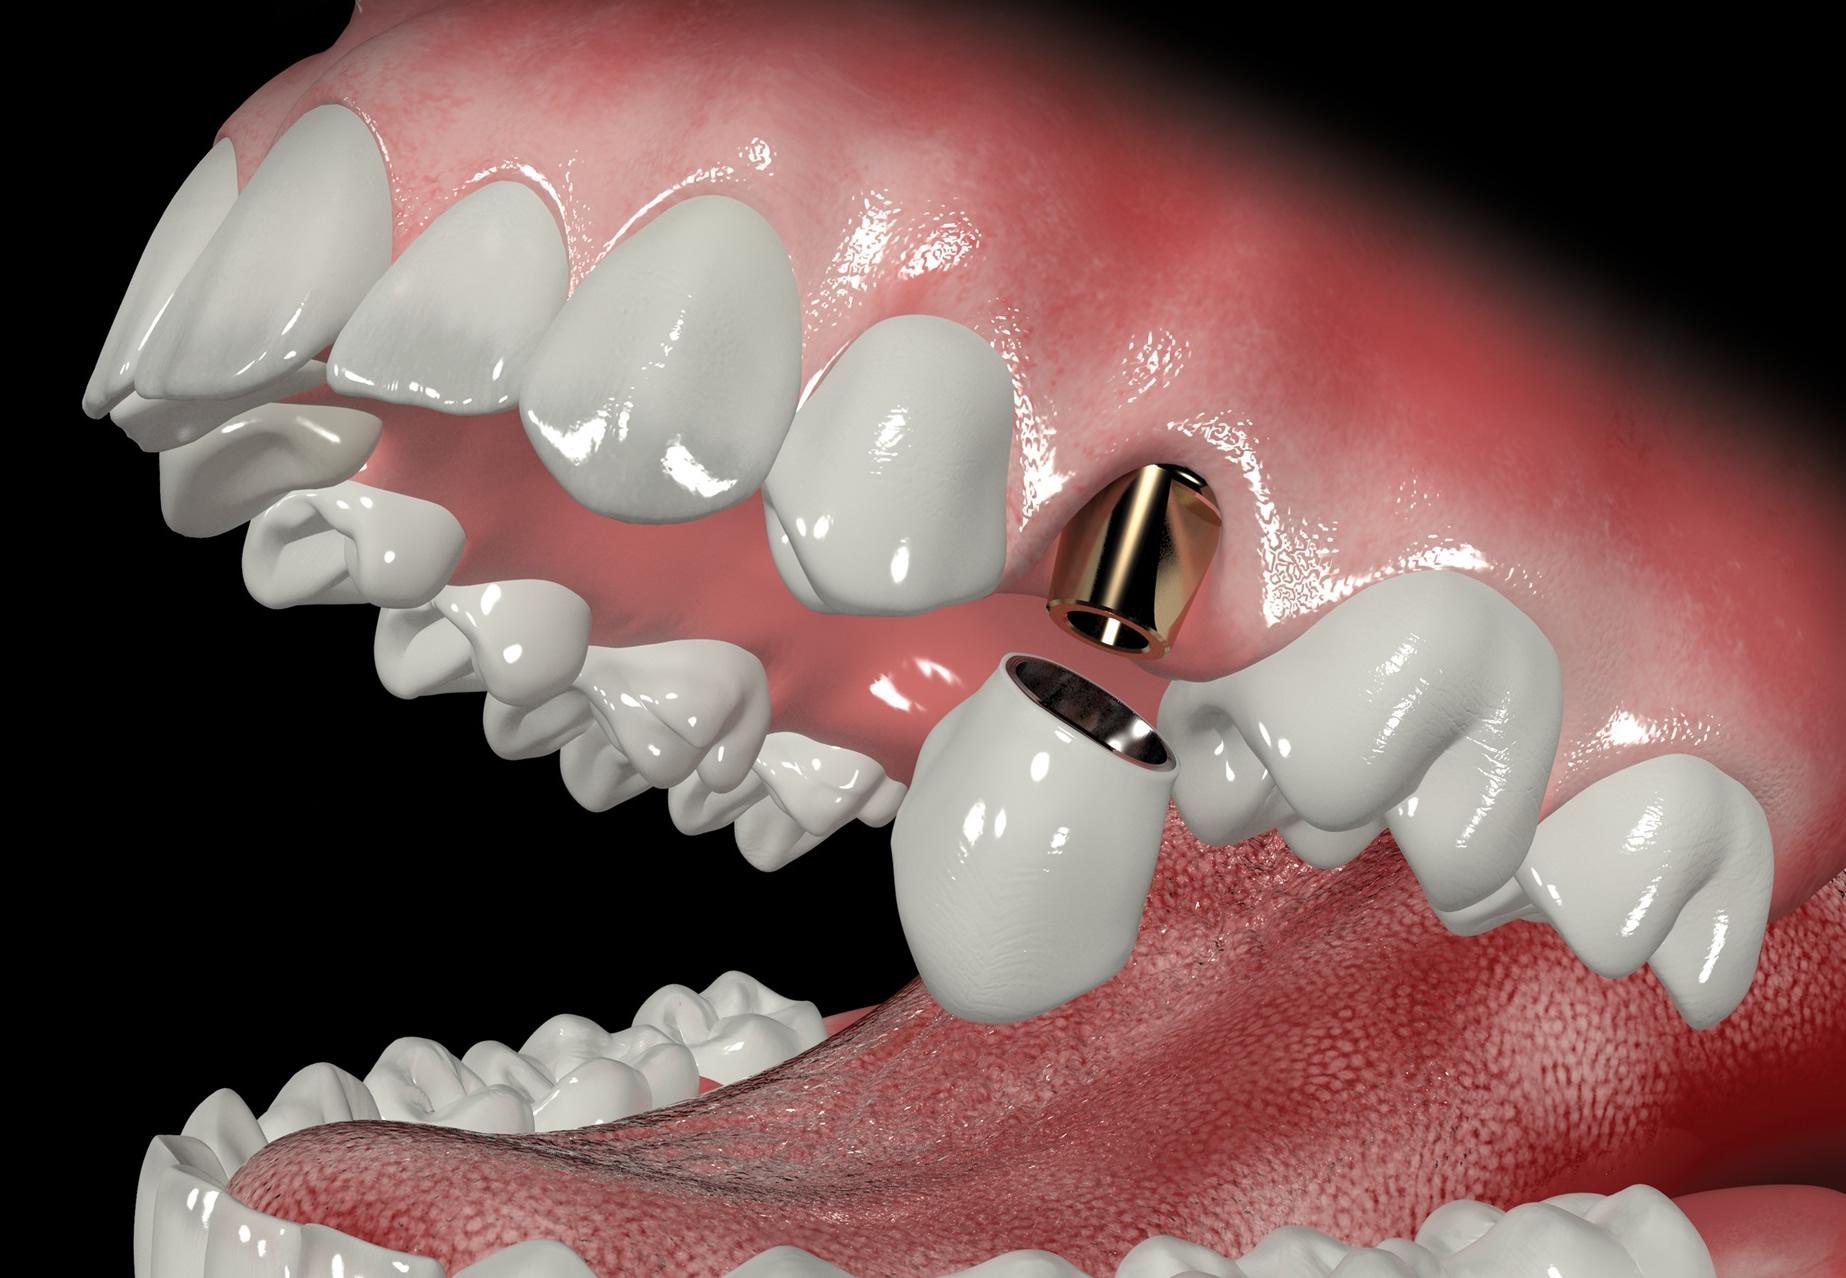 Абатмент коронка на зуб